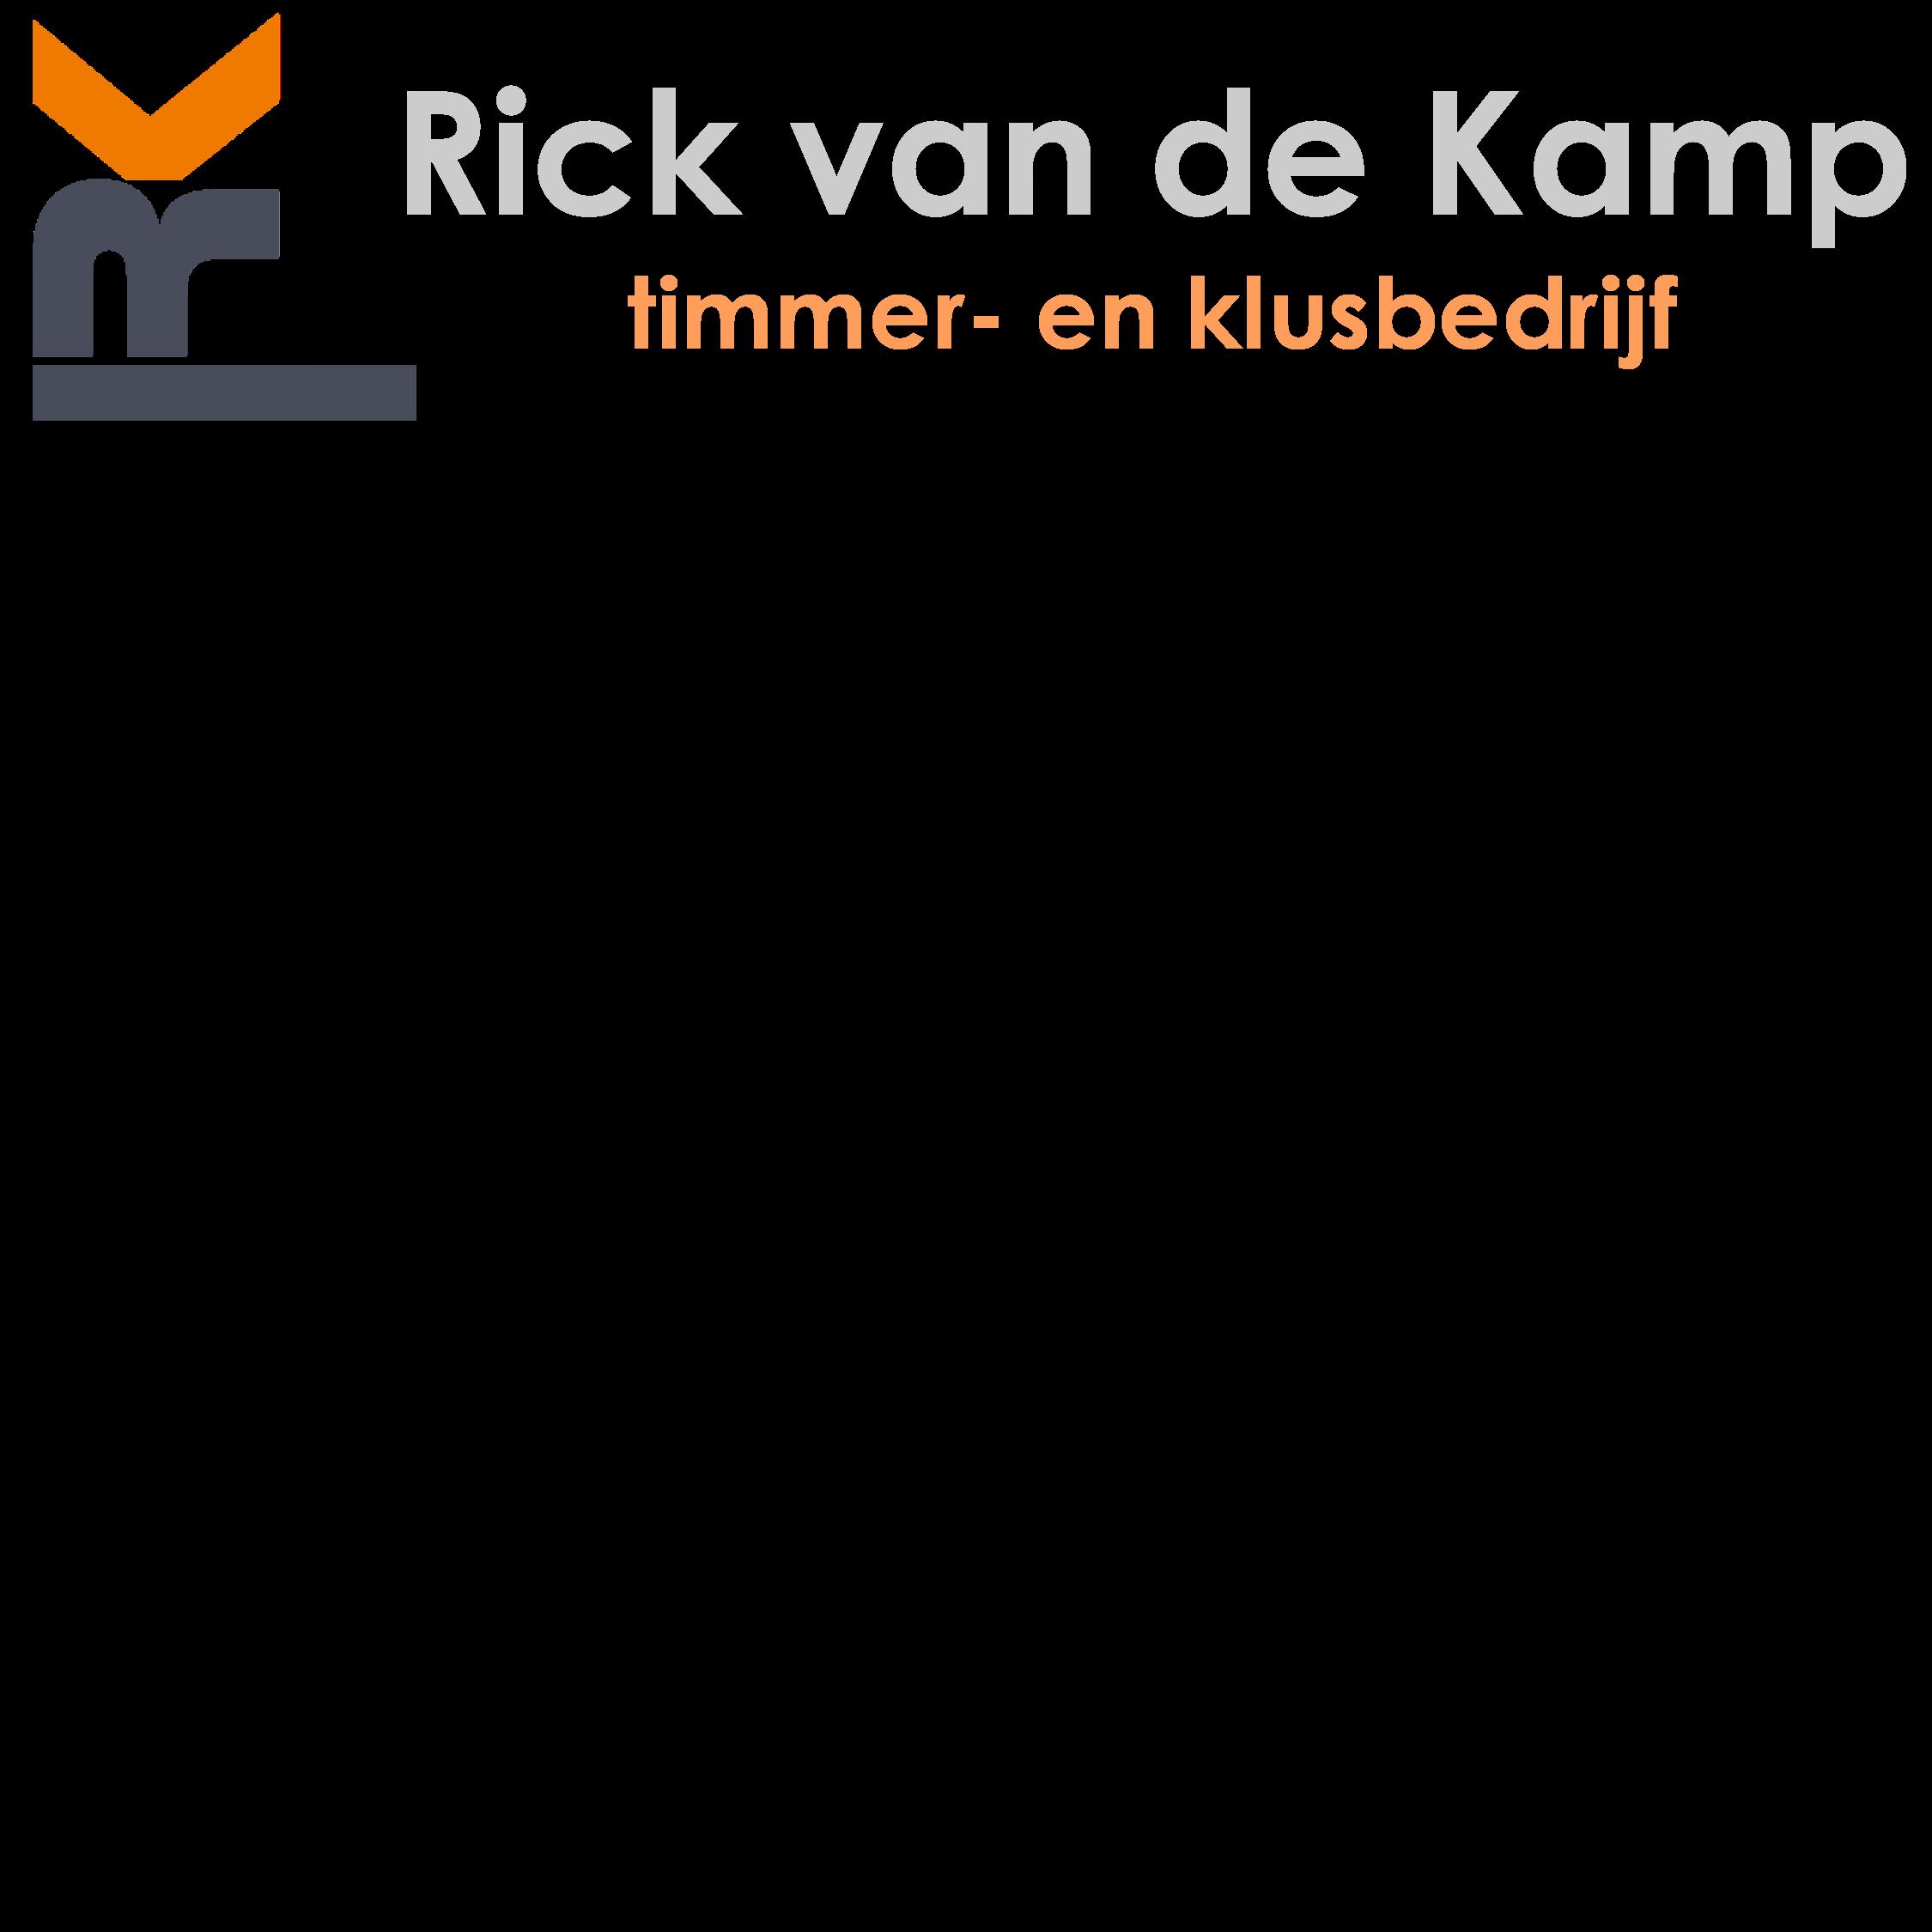 Rick van de Kamp